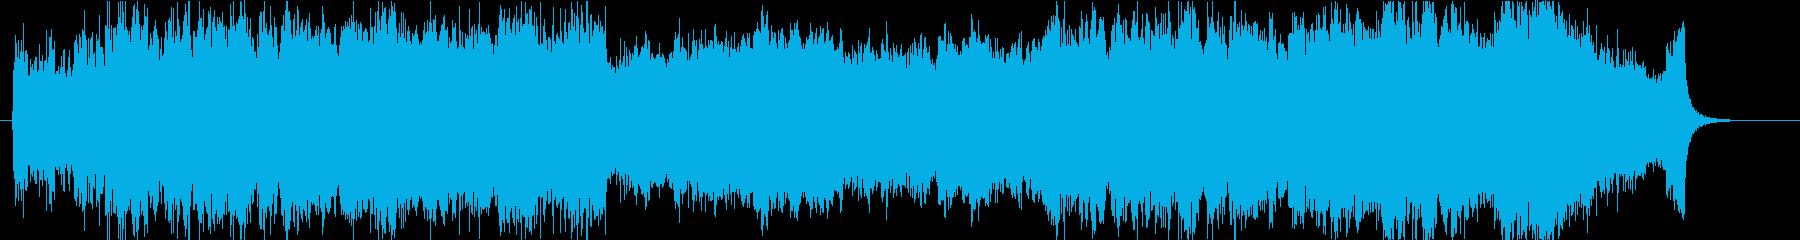 壮大、感動のオーケストラオープニングbの再生済みの波形